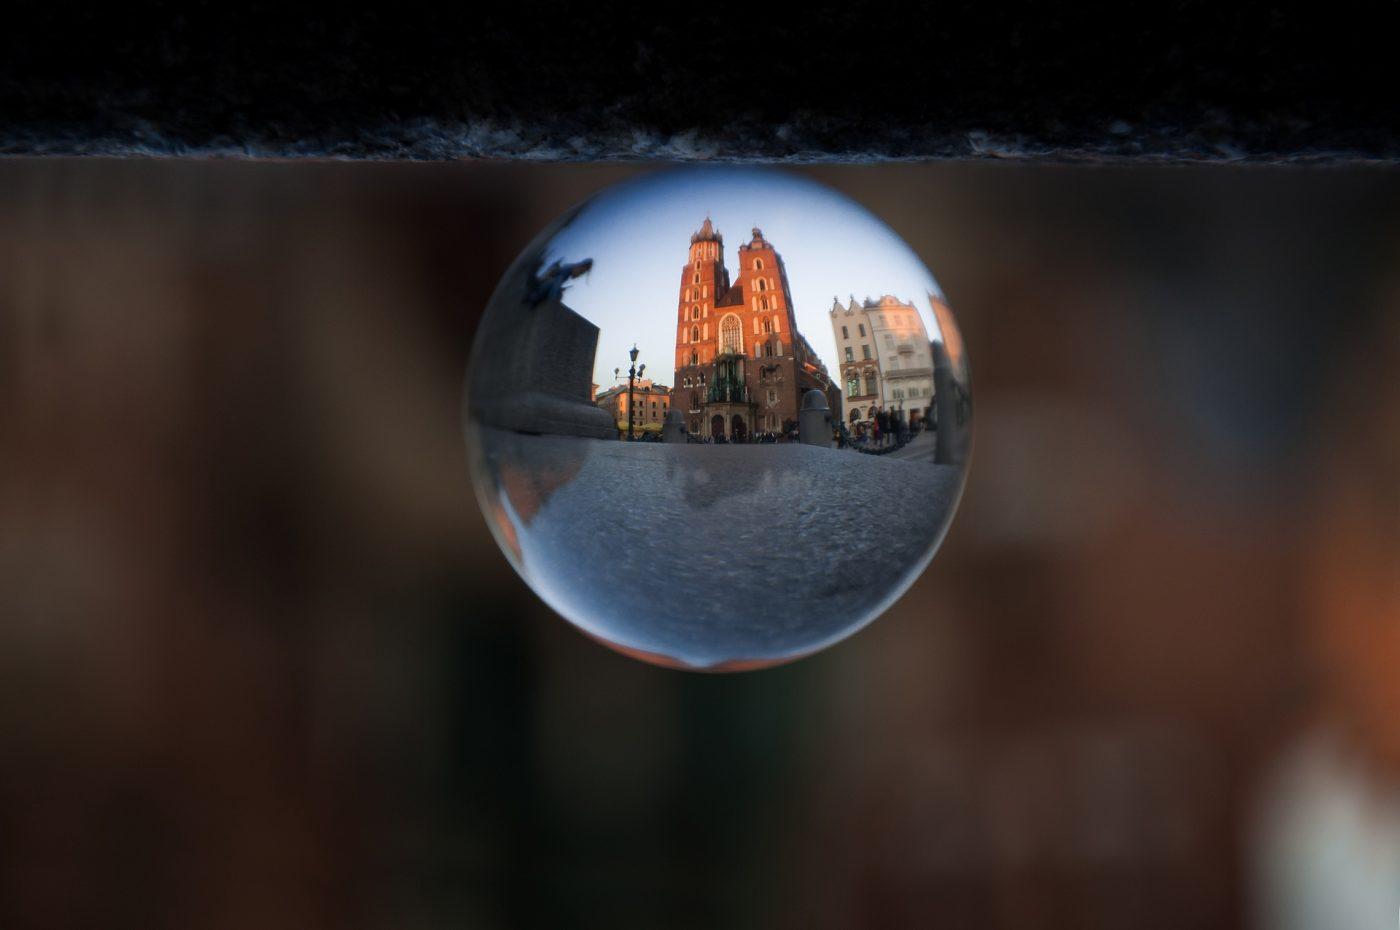 kościół mariacki w szklanej kuli